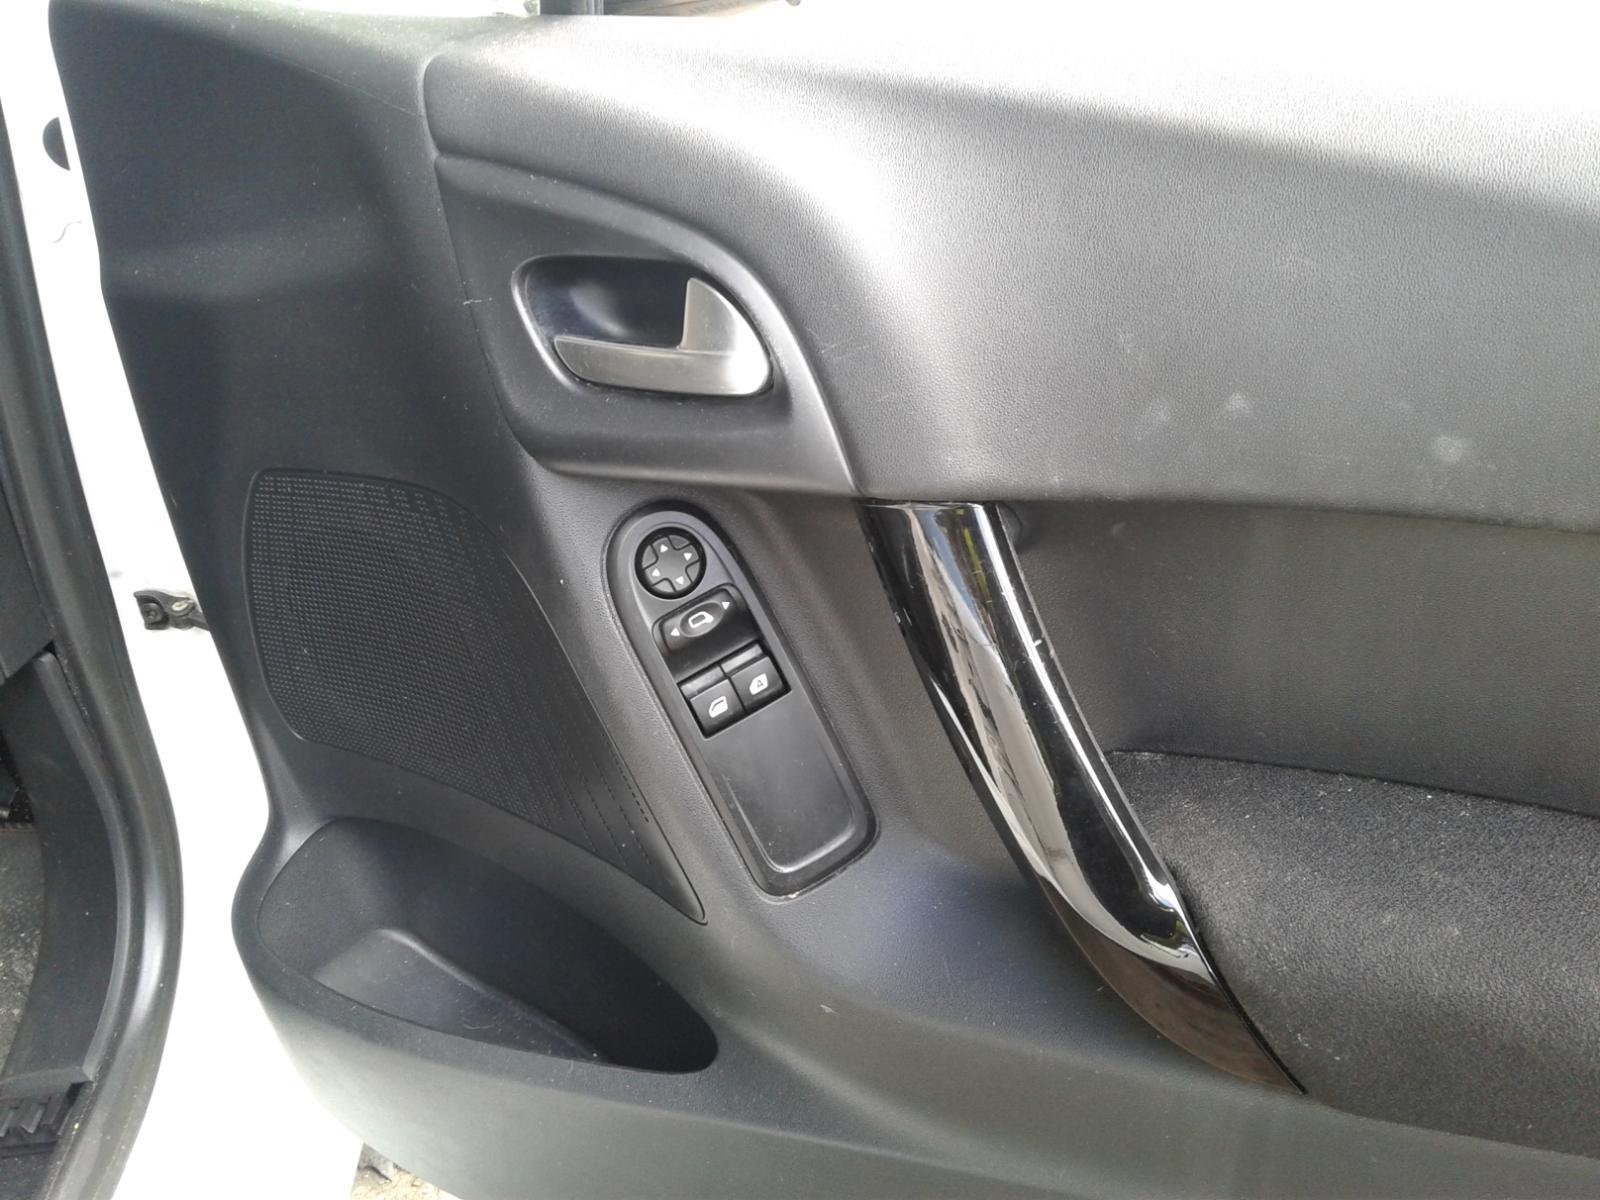 View Auto part CITROEN C3 2013 5 Door Hatchback